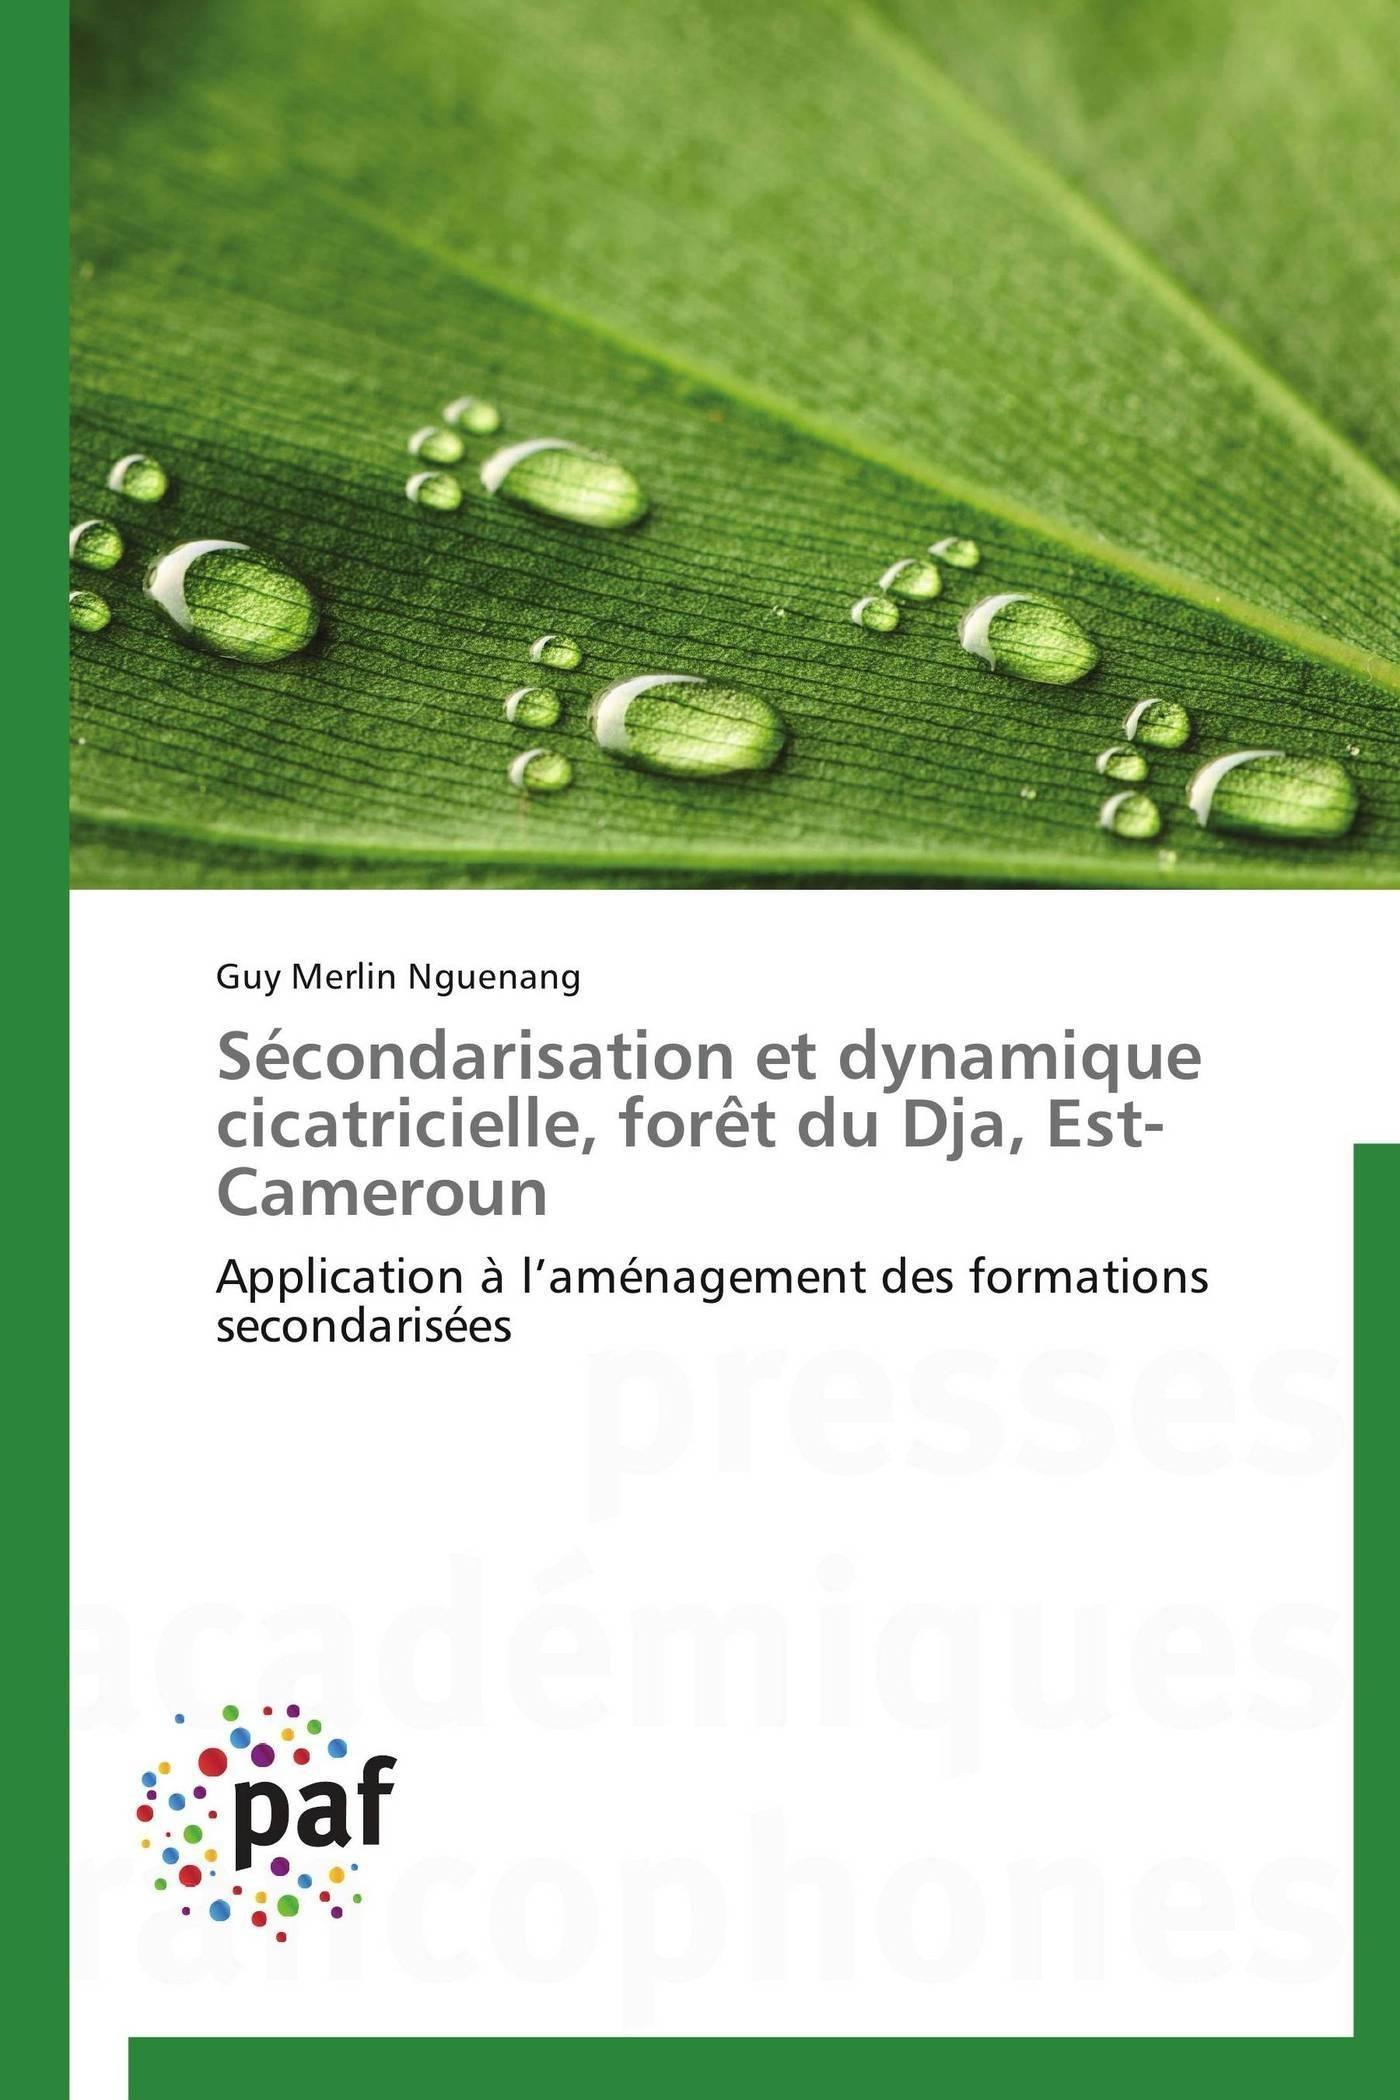 SECONDARISATION ET DYNAMIQUE CICATRICIELLE, FORET DU DJA, EST-CAMEROUN